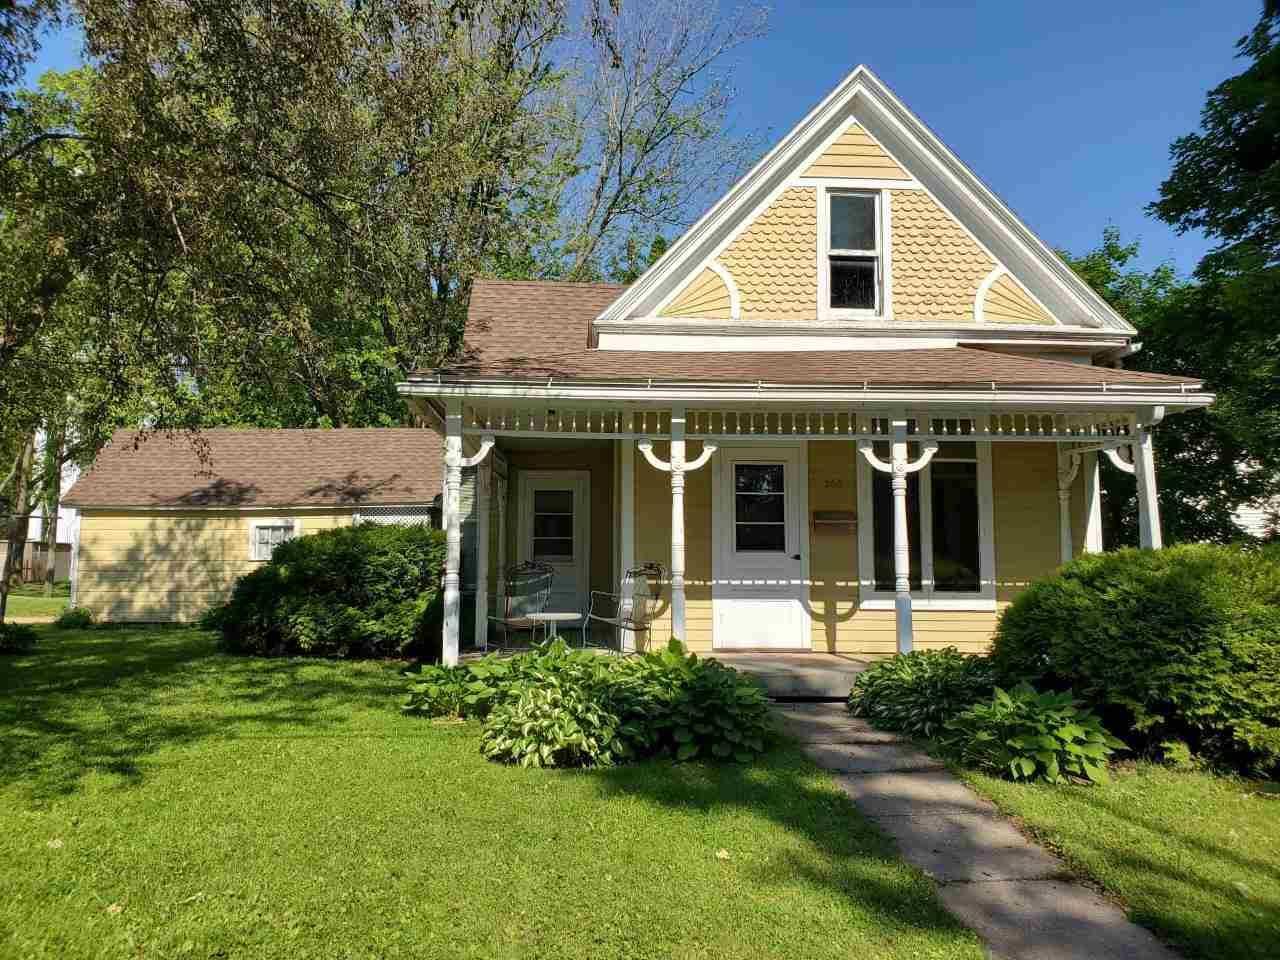 260 N Elm St, Platteville, WI 53818 - #: 1911146